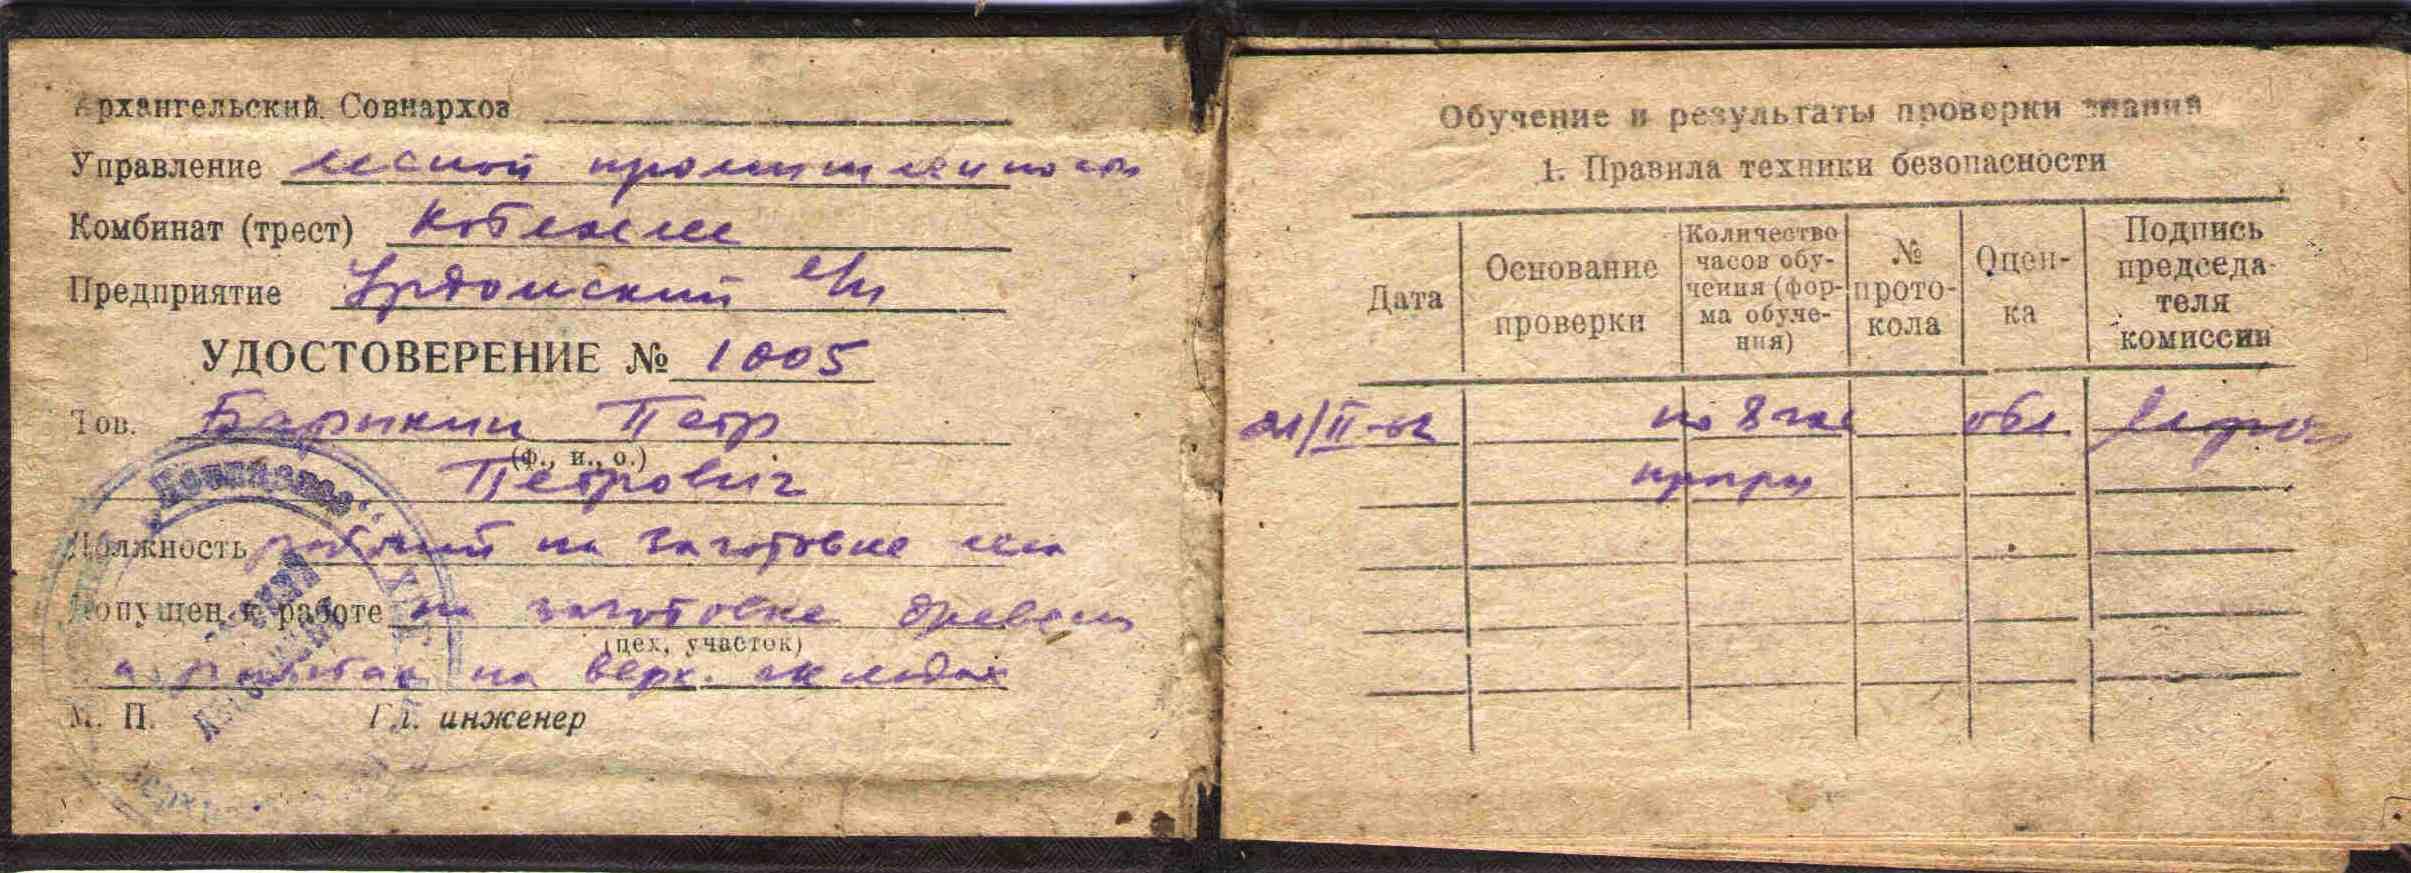 50. Удостоверение об образовании, Барыкин ПП, 1962